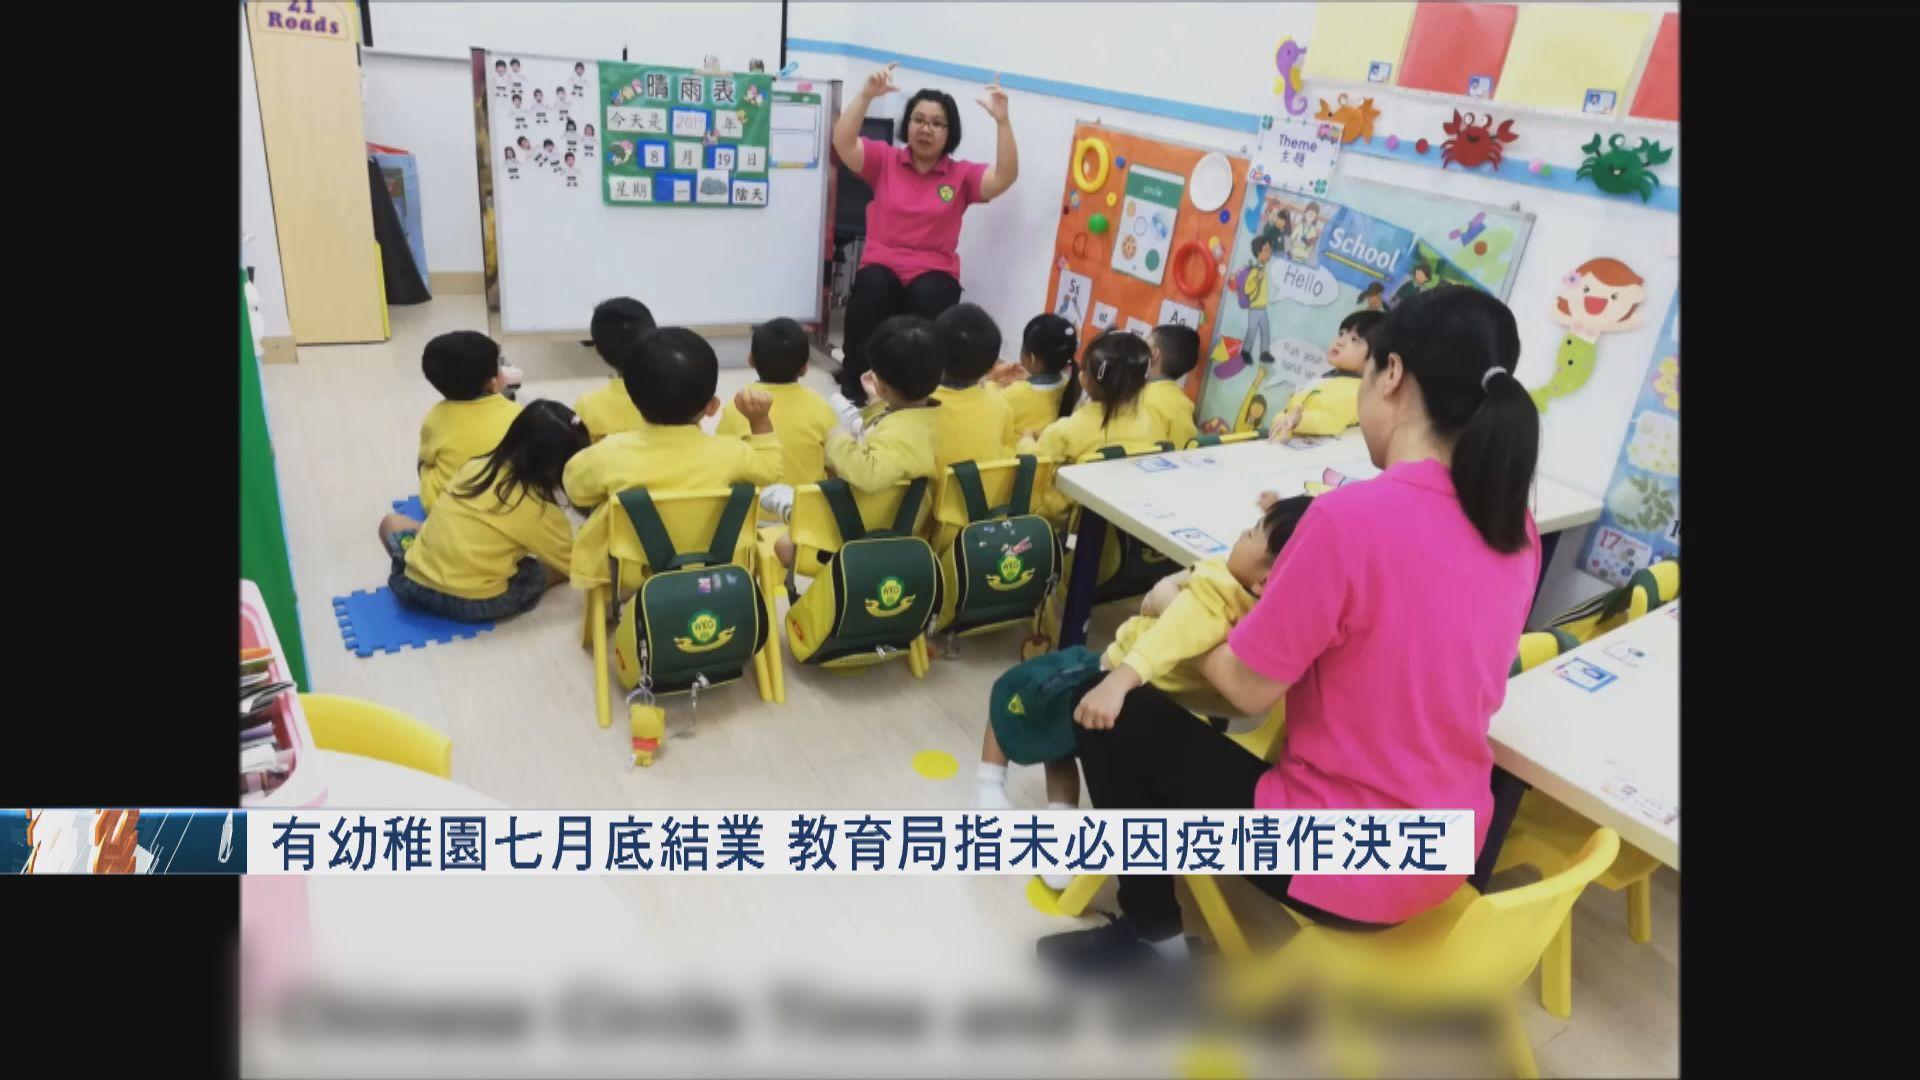 有幼稚園七月底結業 教育局指未必因疫情作決定